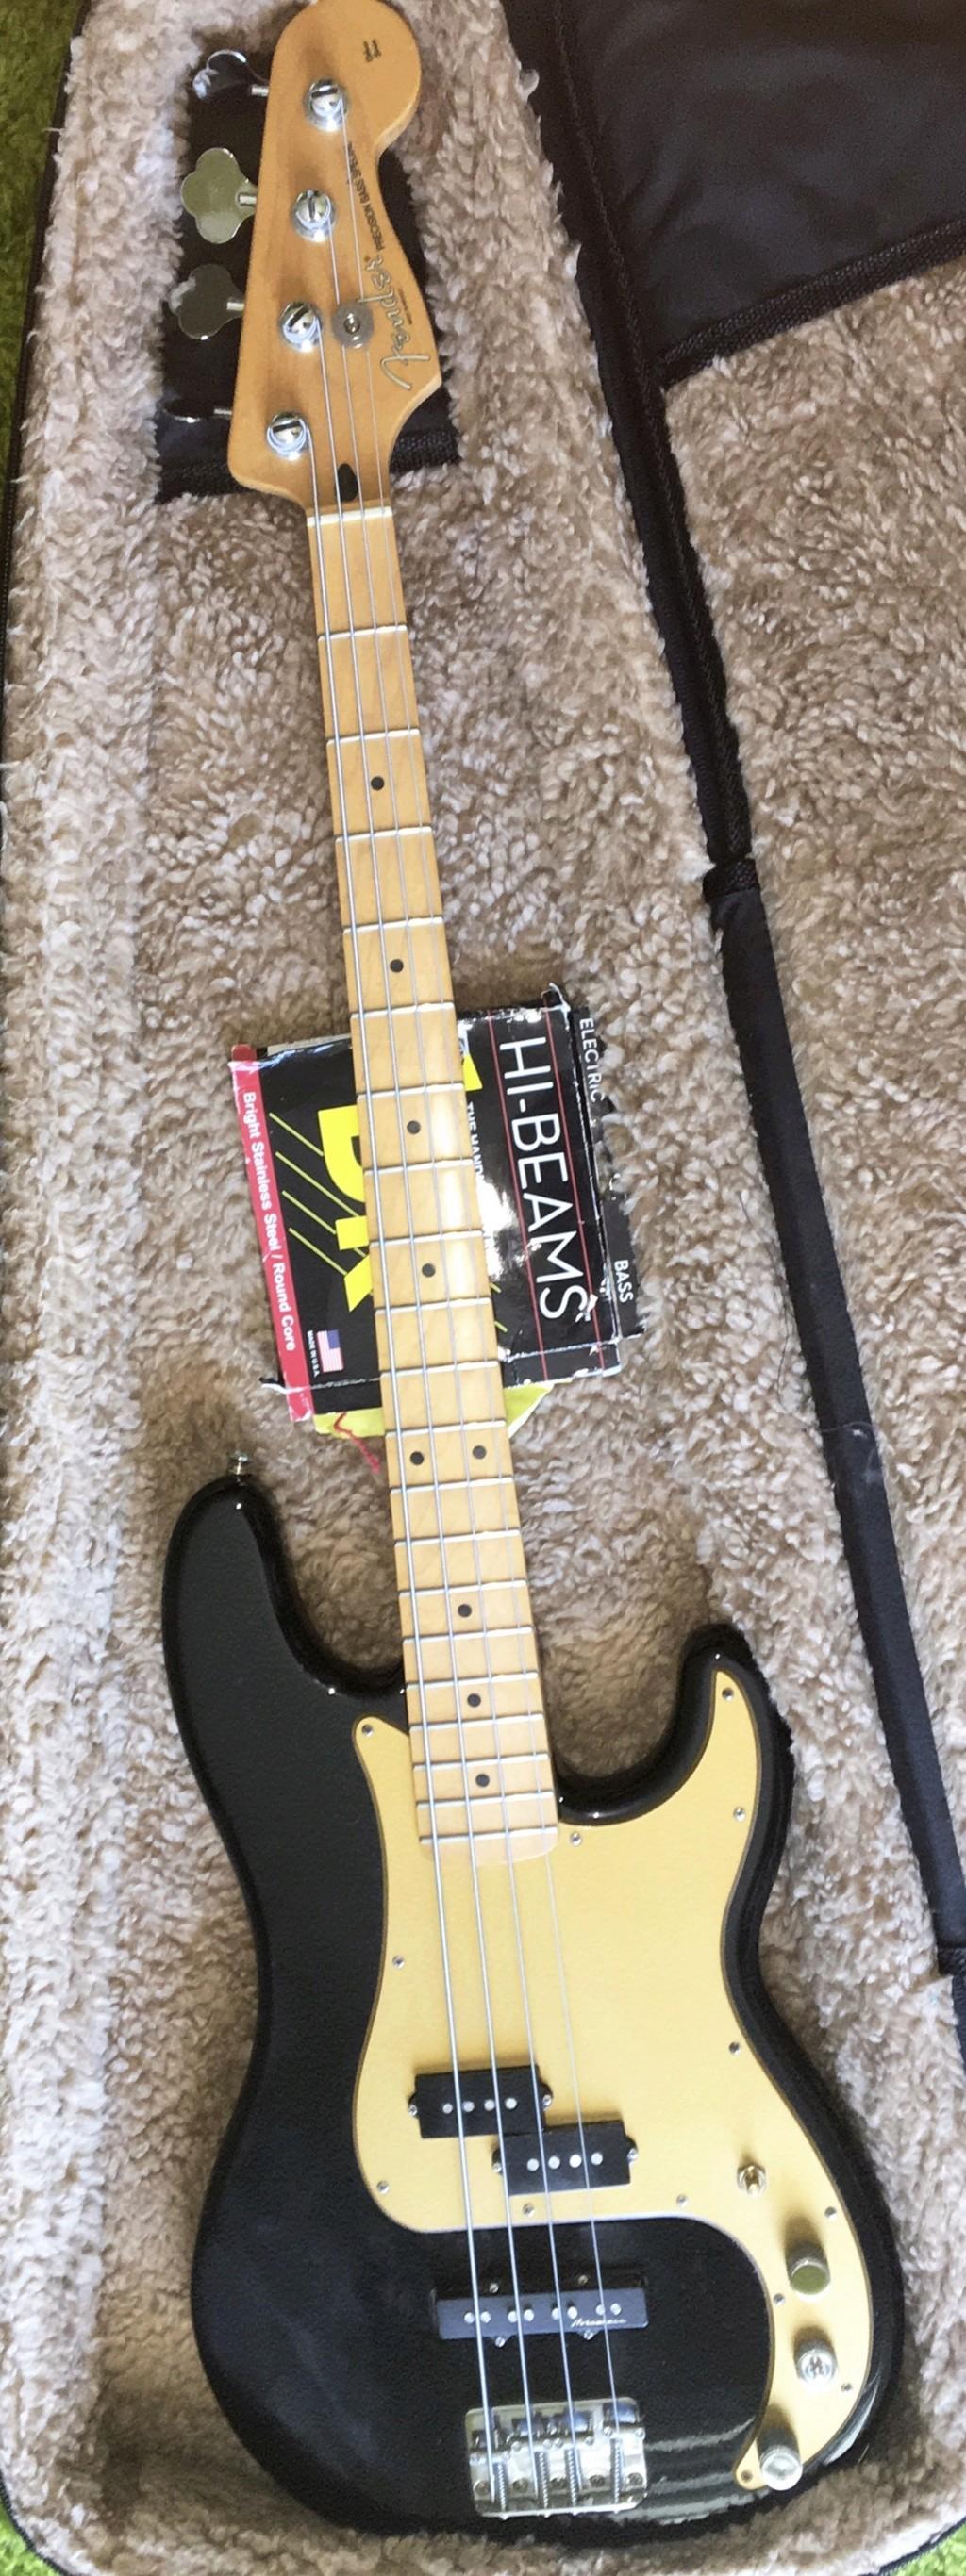 Clube Fender - Topico Oficial (Agora administrado pelo Maurício_Expressão) - Página 11 D7a31710